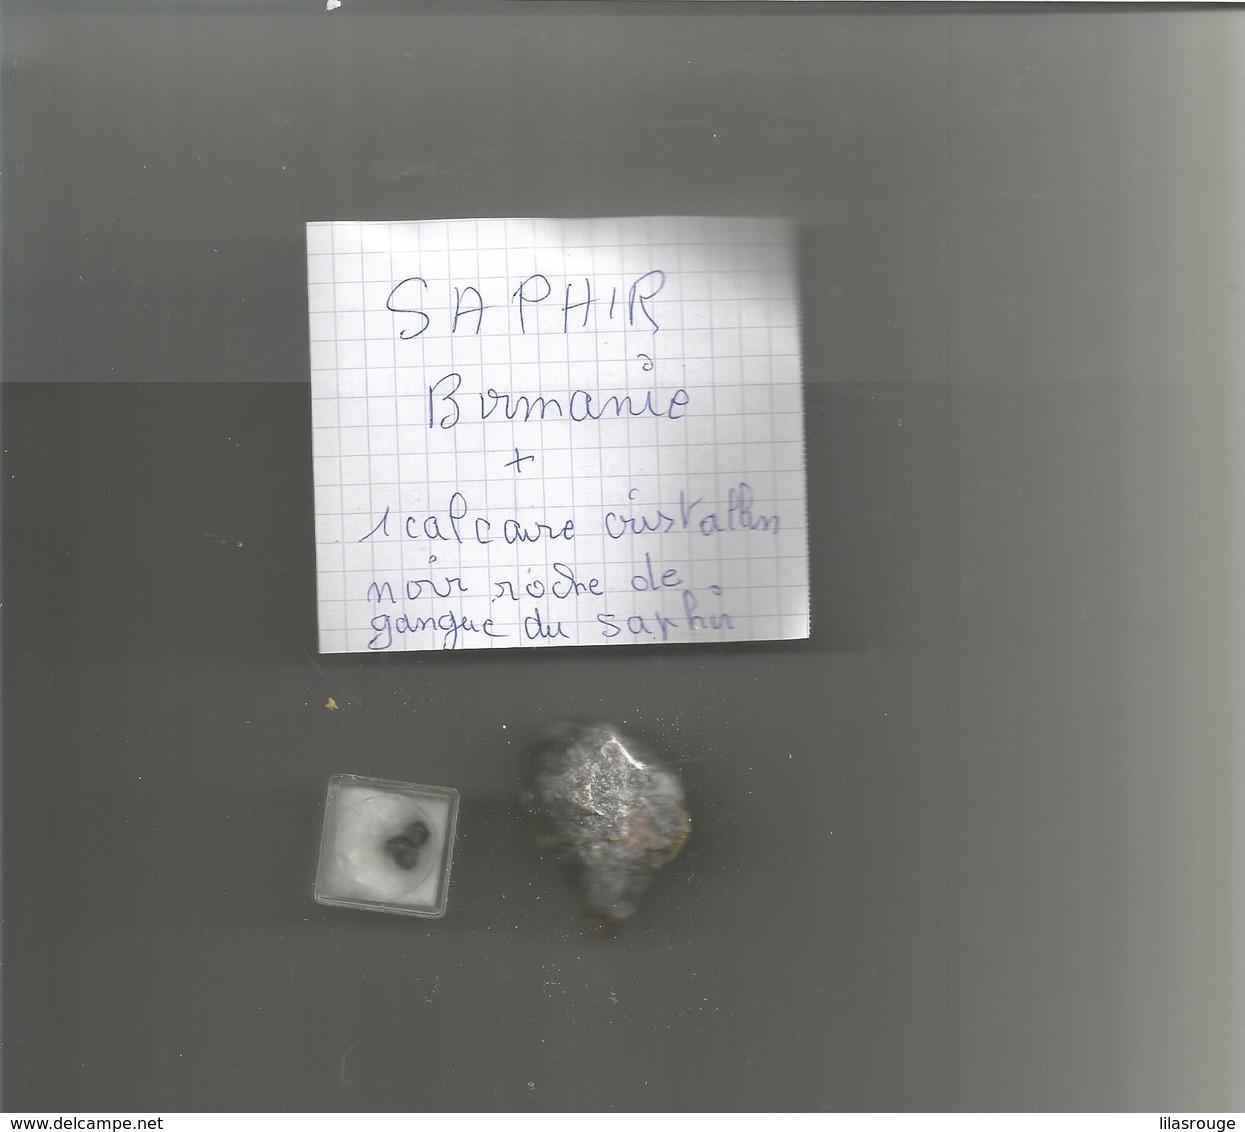 SAPHIR BIRMANIE  + 1 CALCAIRE CRISTALLIN NOIR ROCHE DE GANGUE DU SAPHIR - Minerals